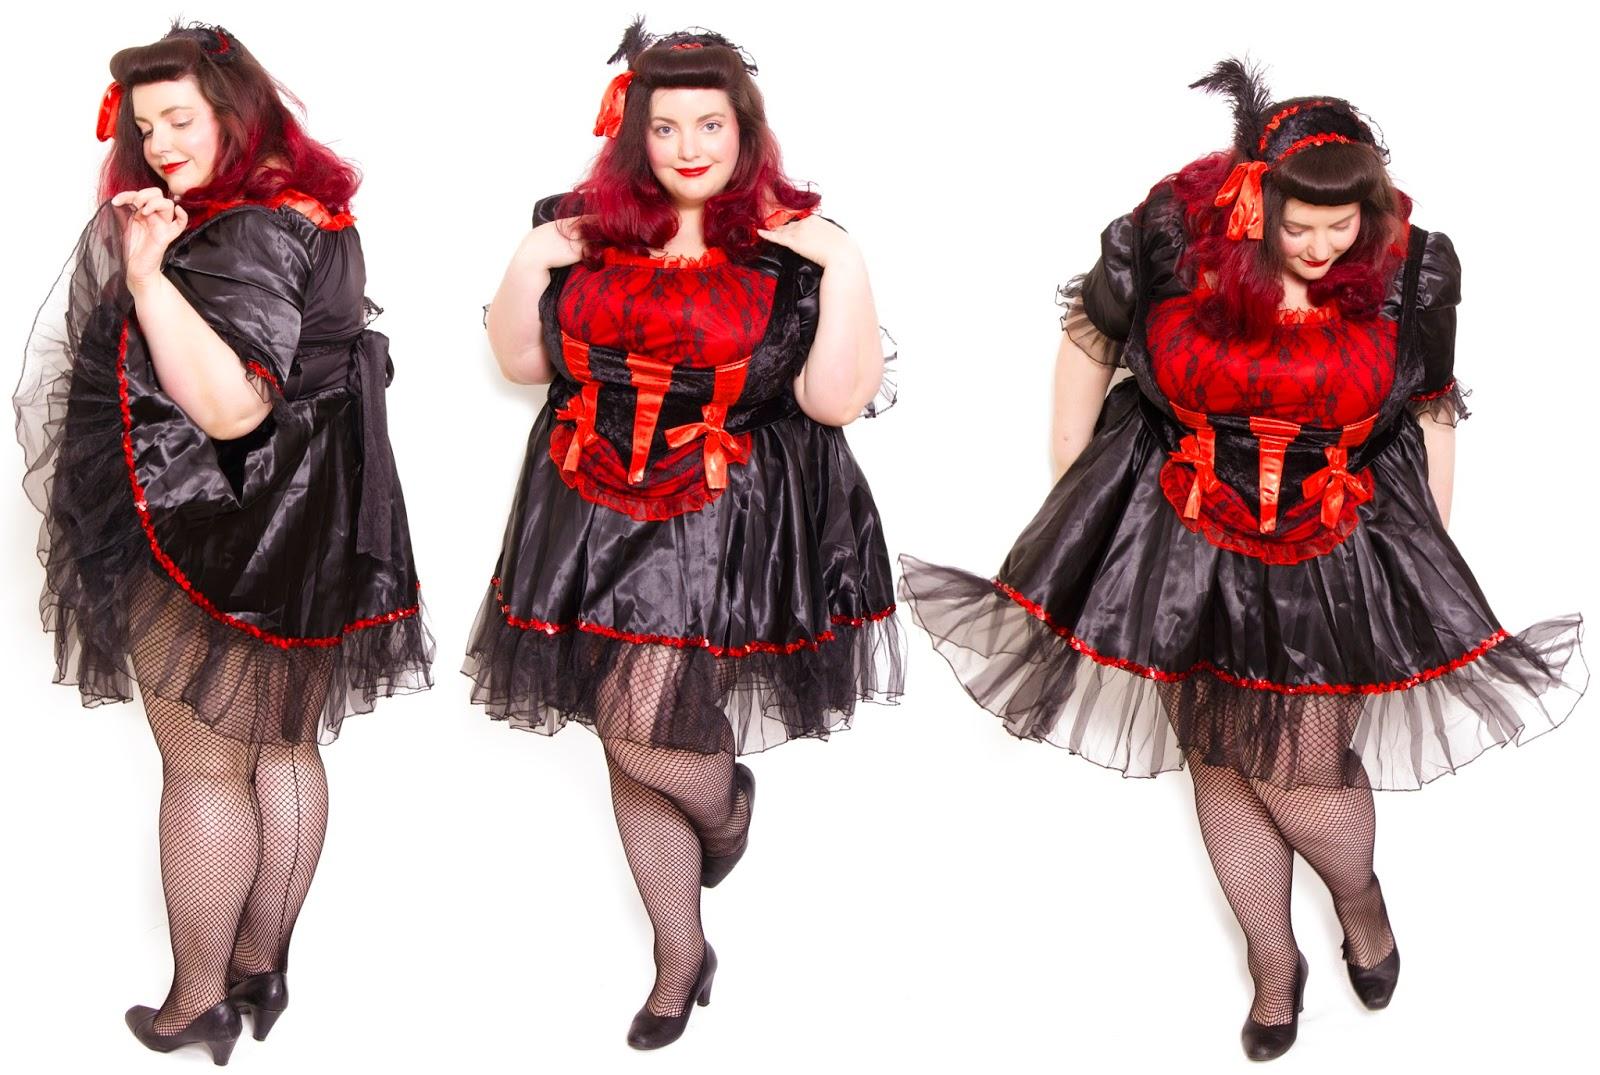 Fancy Dress Costumes  Worldwide Fancy Dress Retailer  I